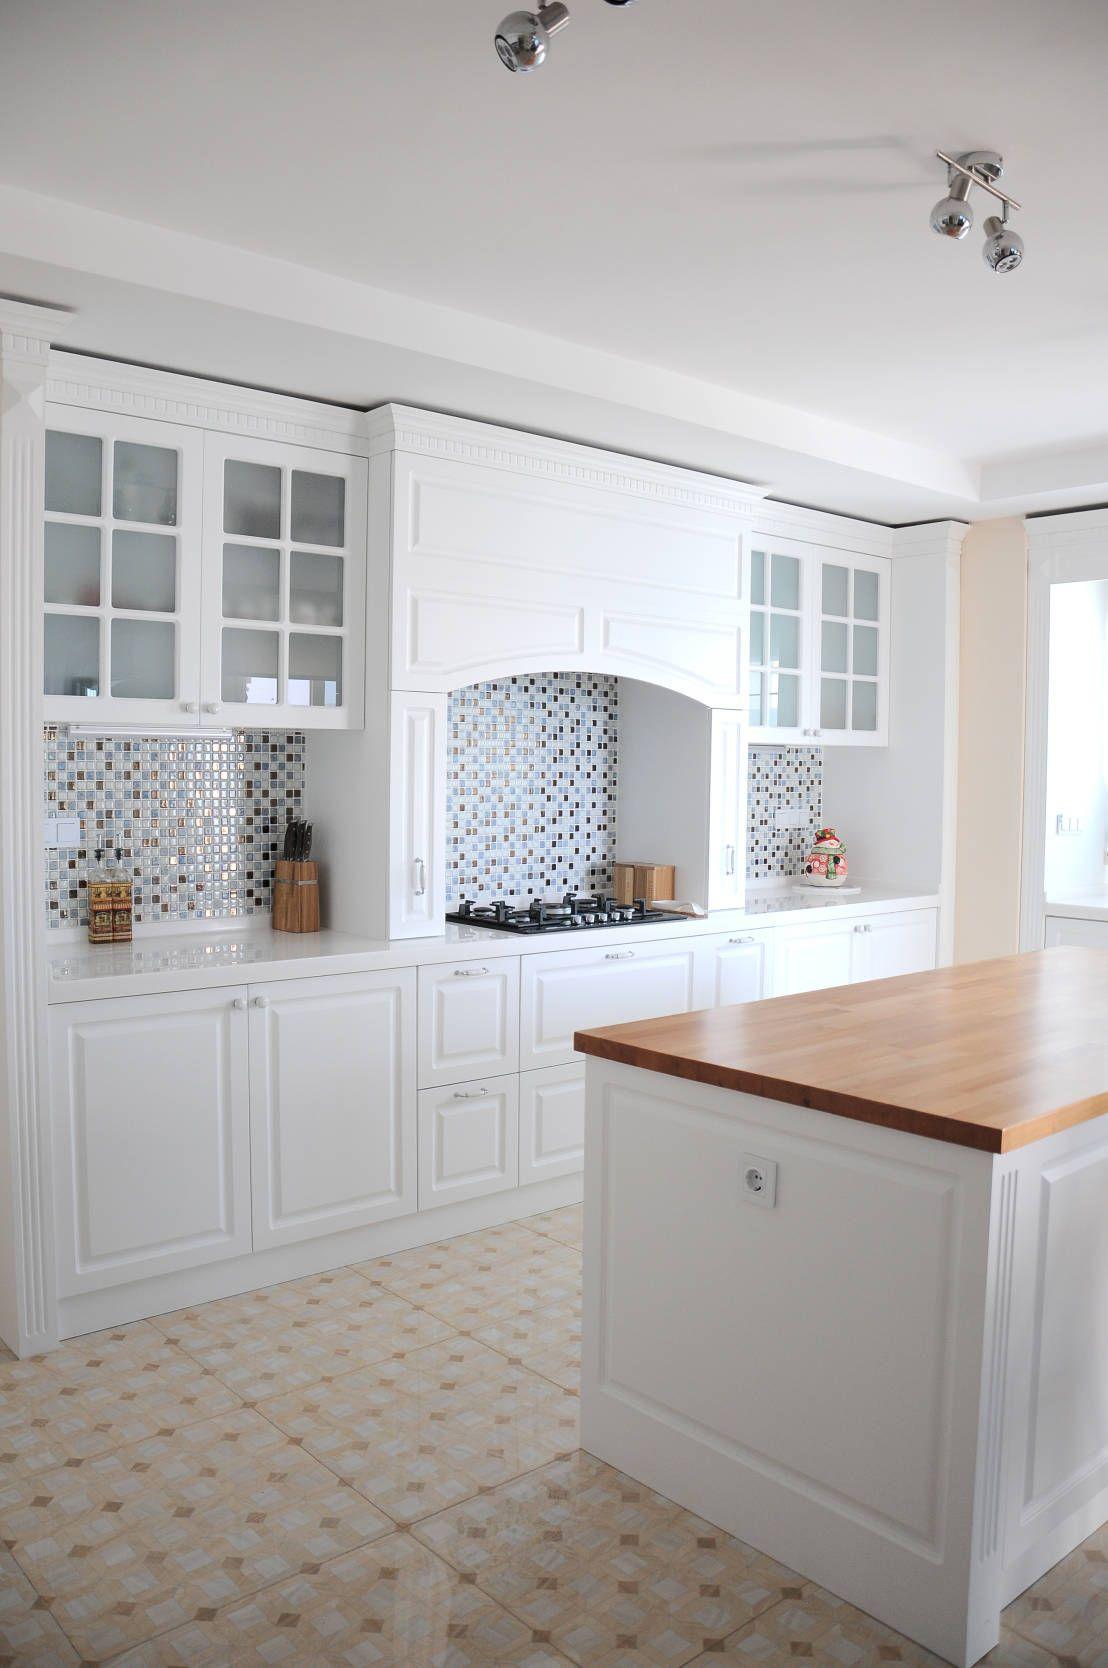 7 praktische Küchentipps, die dir die Arbeit erleichtern | Stehen ...